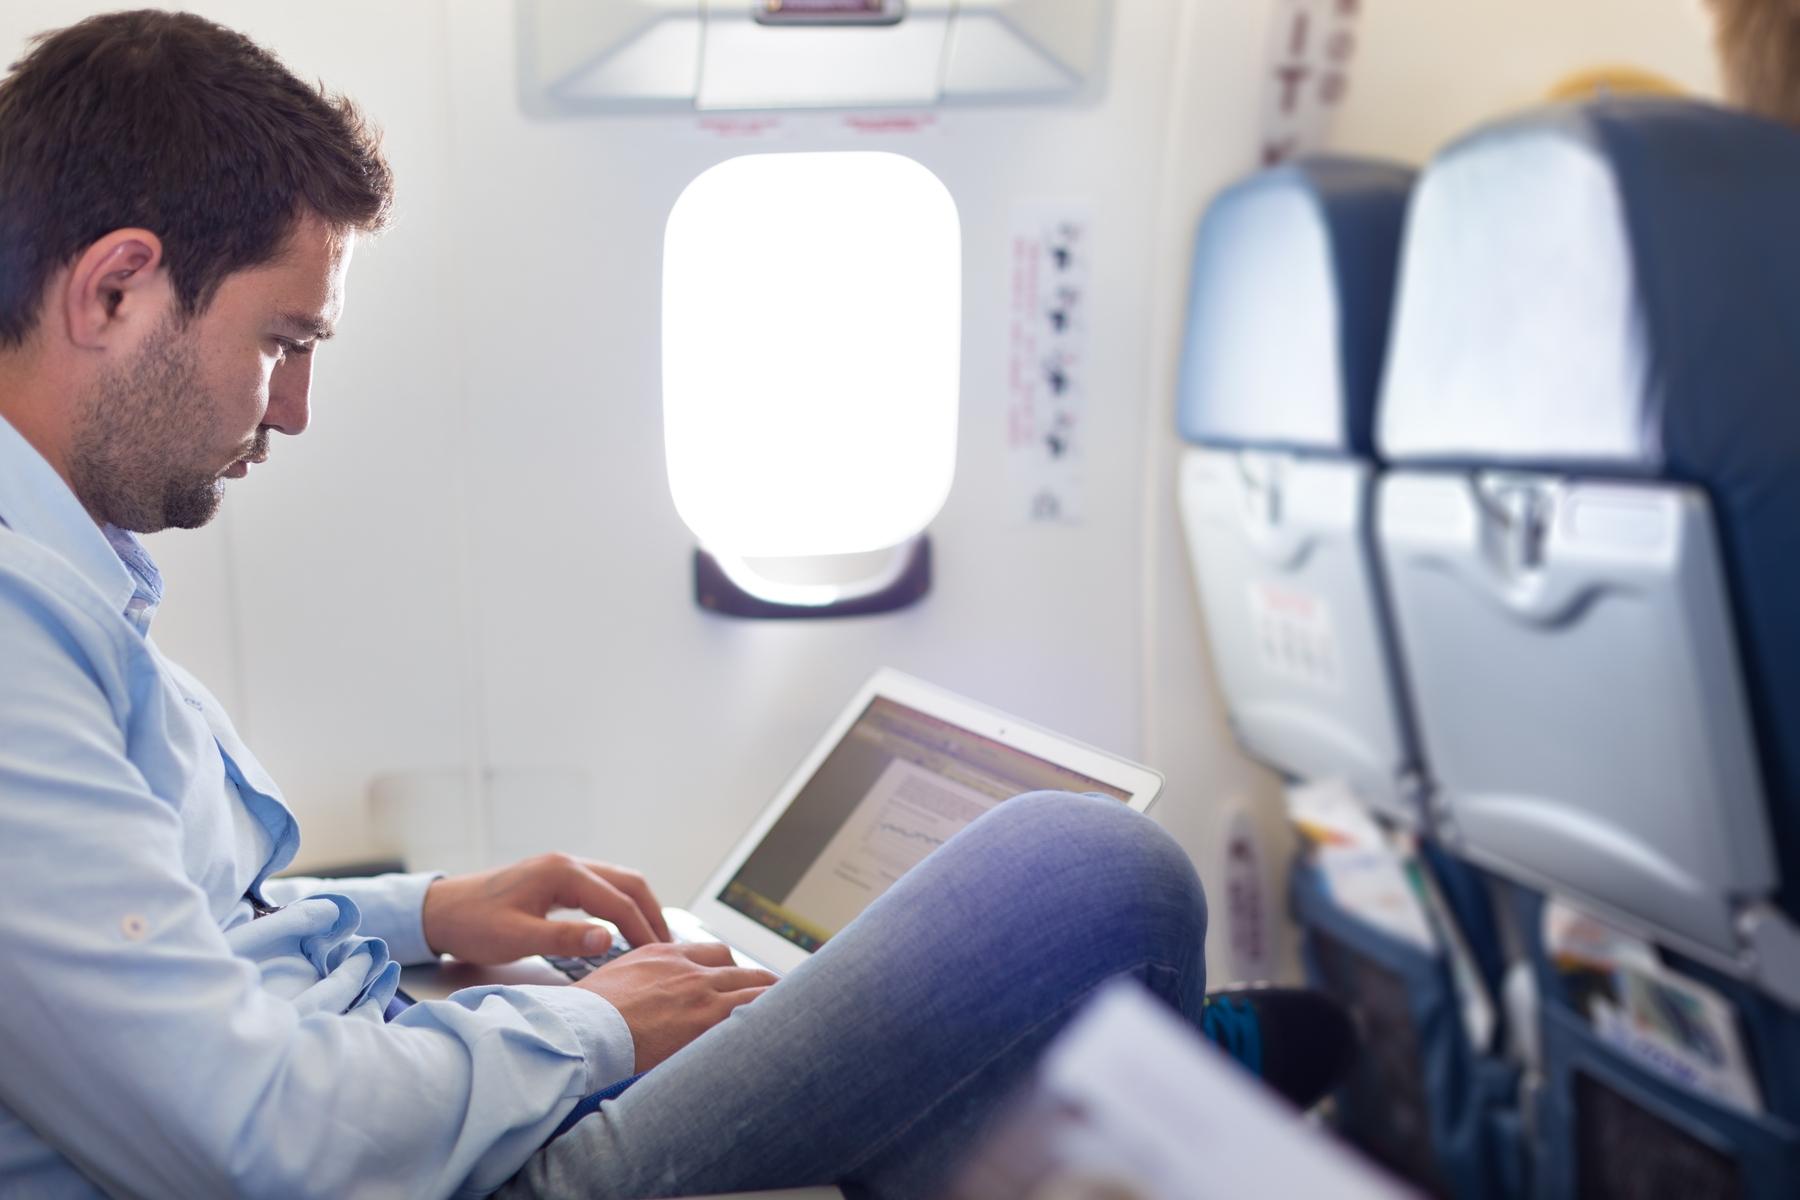 Passageiro sentado confortavelmente em sua poltrona no avião. A ITA Linhas Aéreas também tem maior espaço entre os assentos.